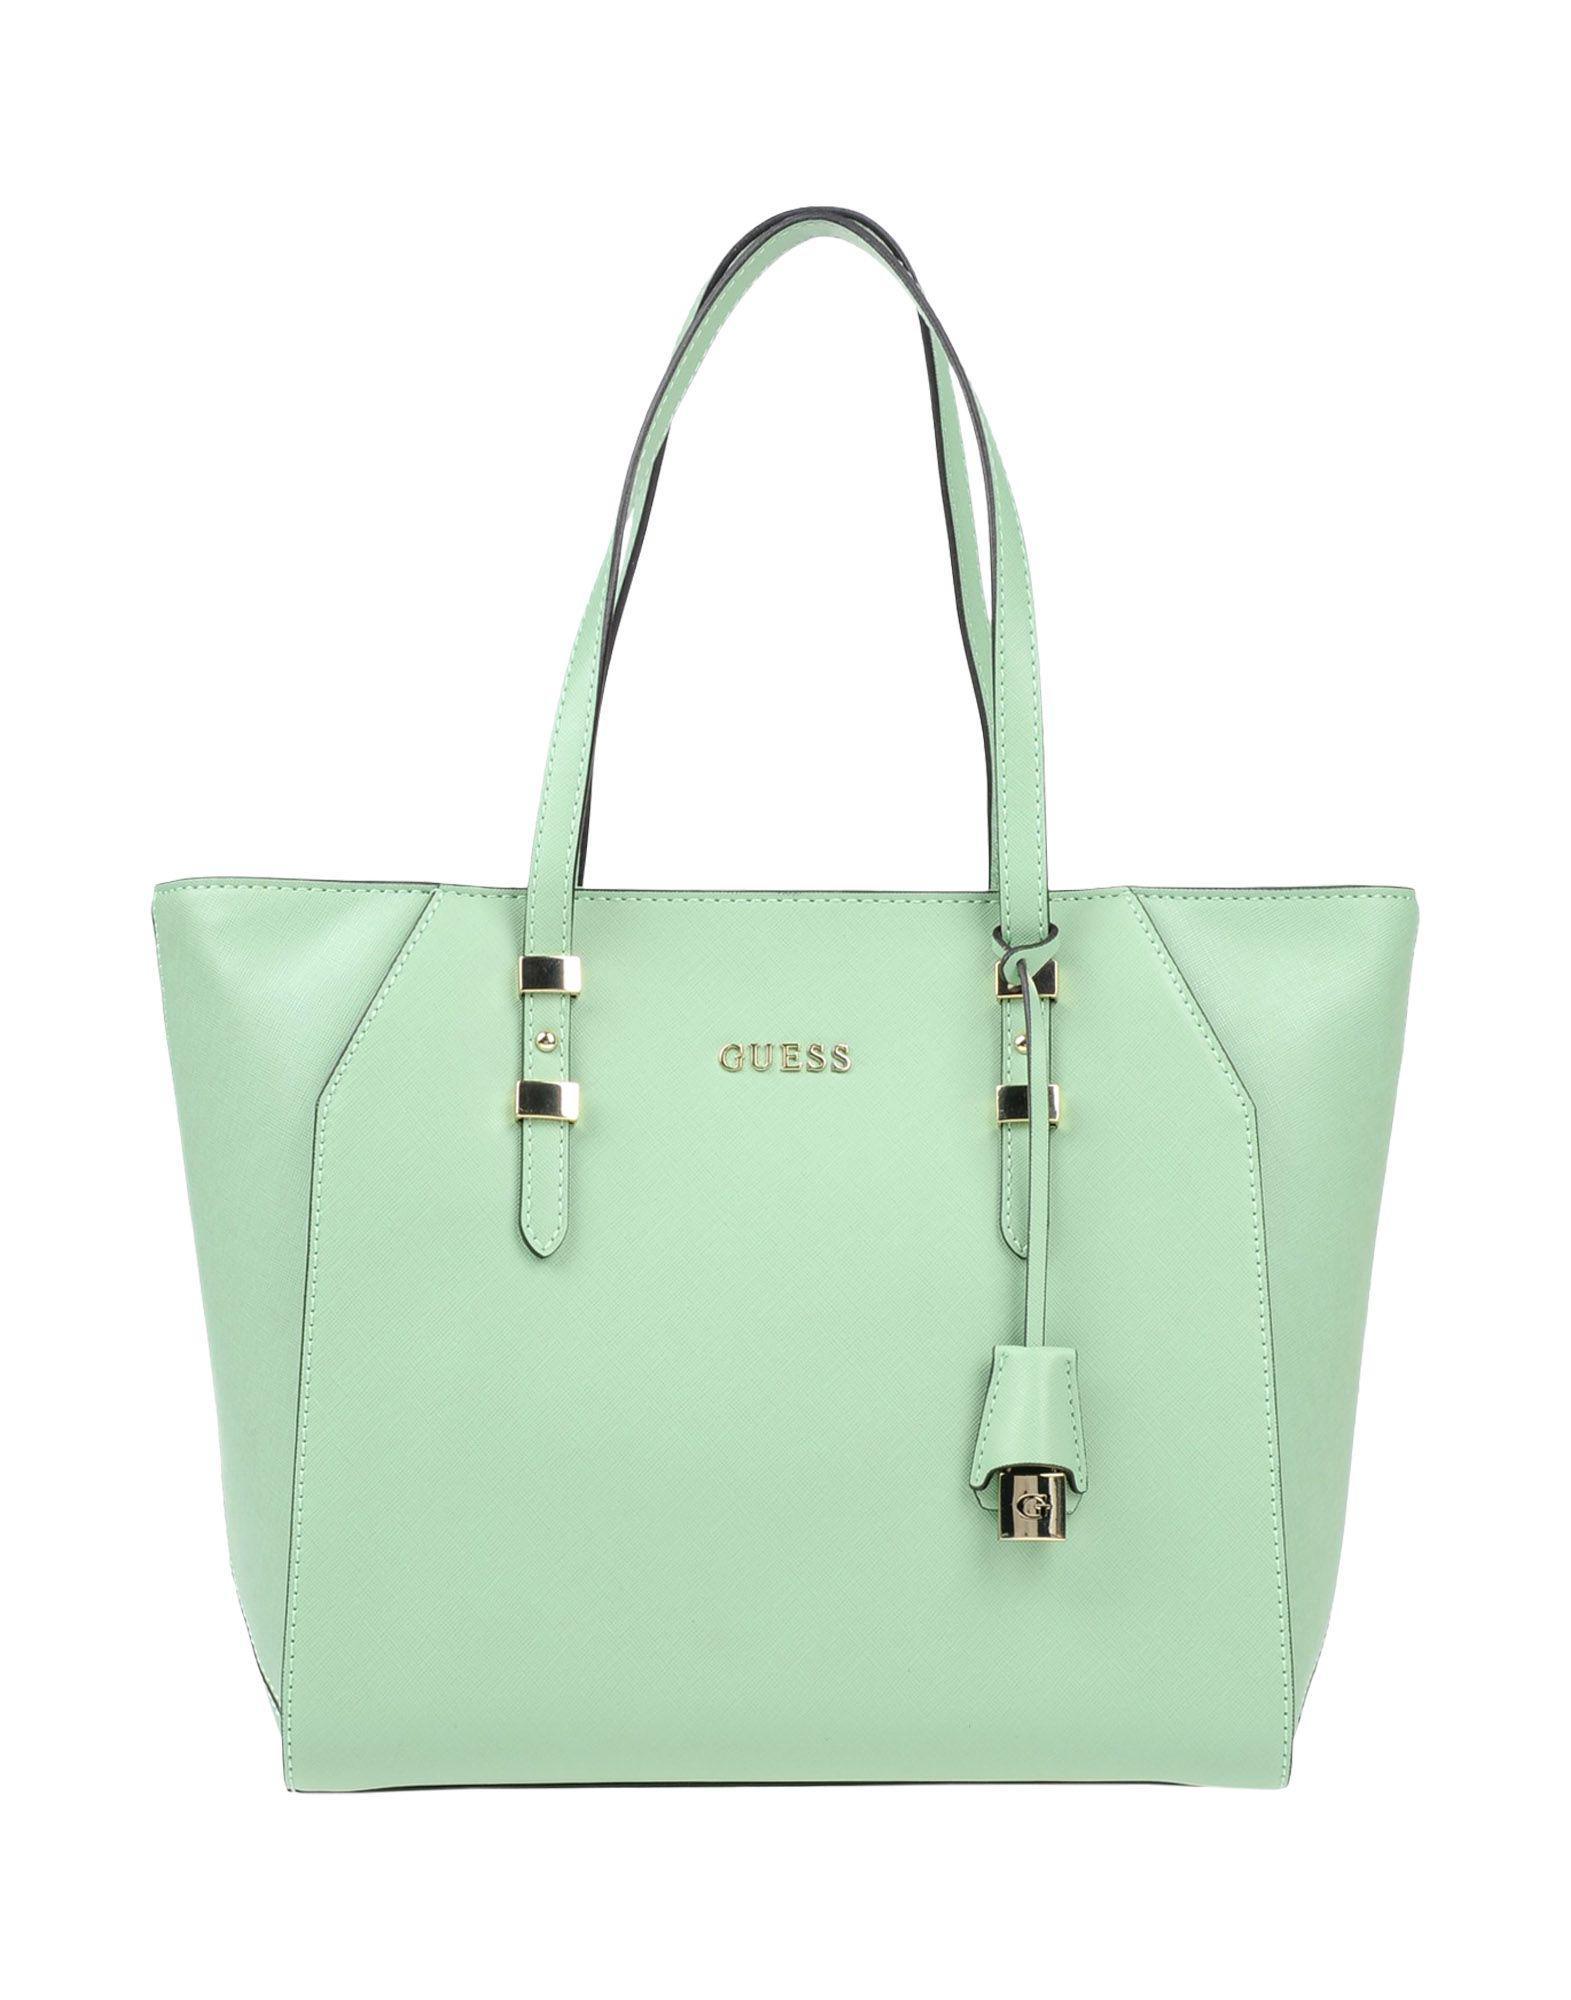 3bf08ac7ddfa Guess Handbag in Green - Lyst